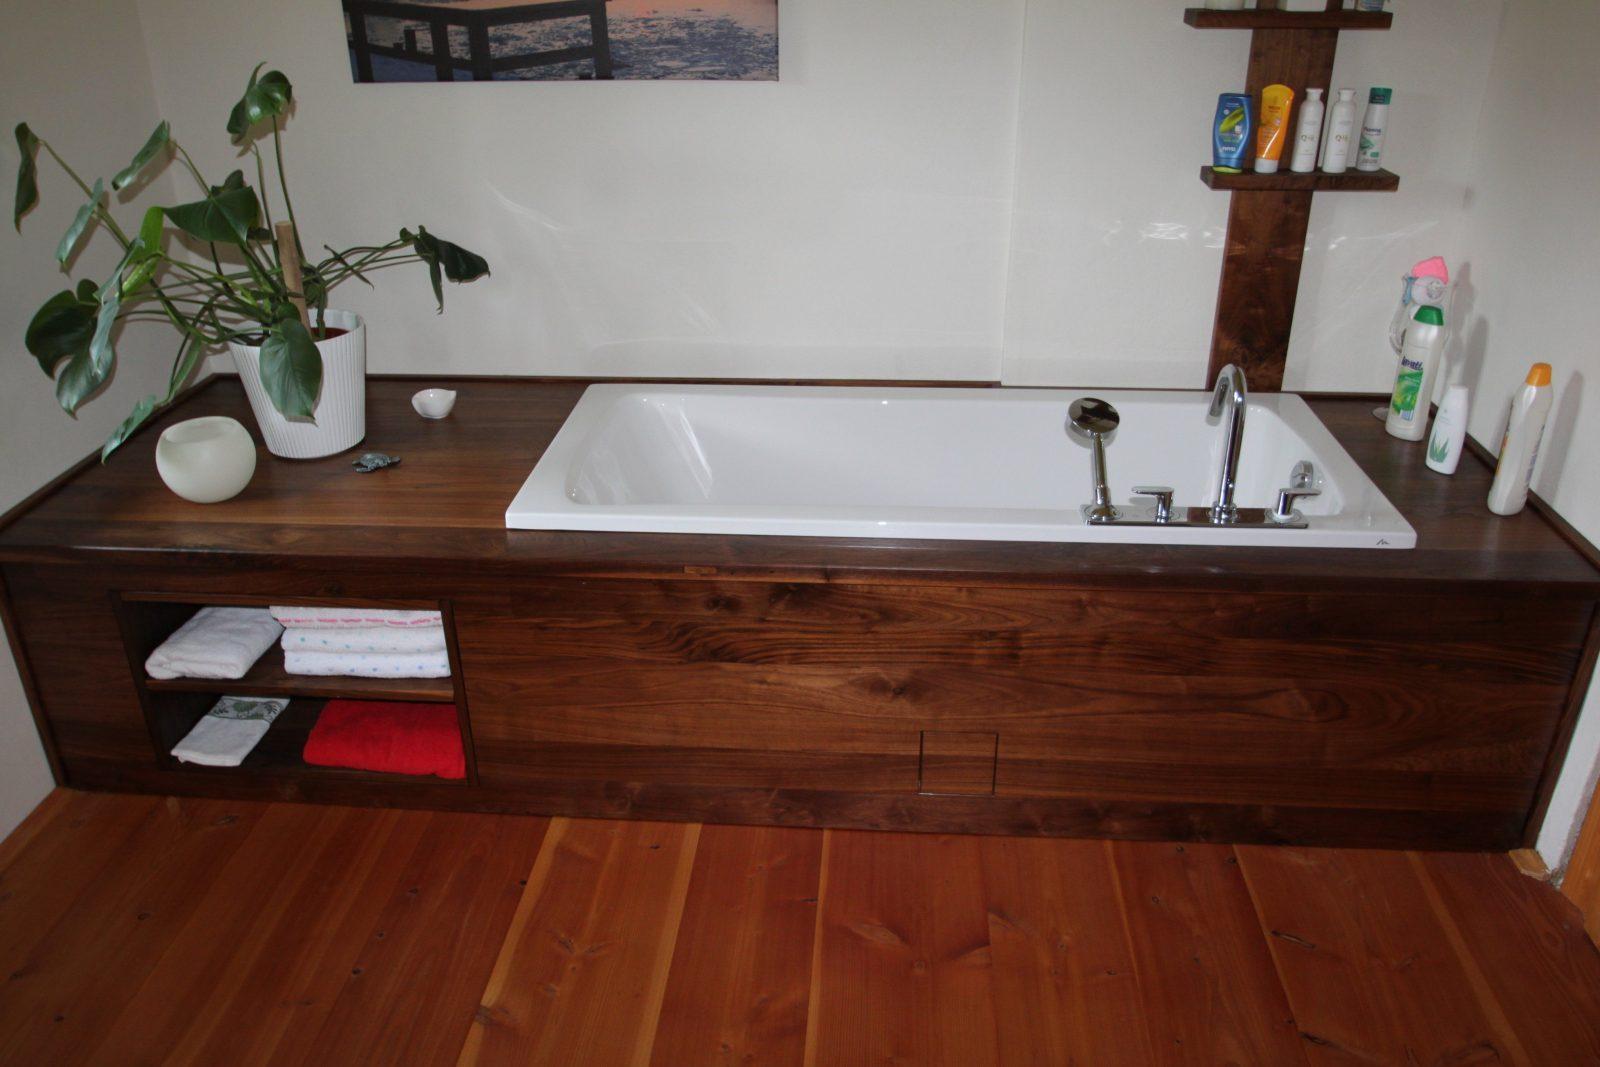 Holz Badwanneneinfassung Normalbetrieb I Jpg Mit Rustikal Tipps von Badewanne In Holz Einfassen Bild